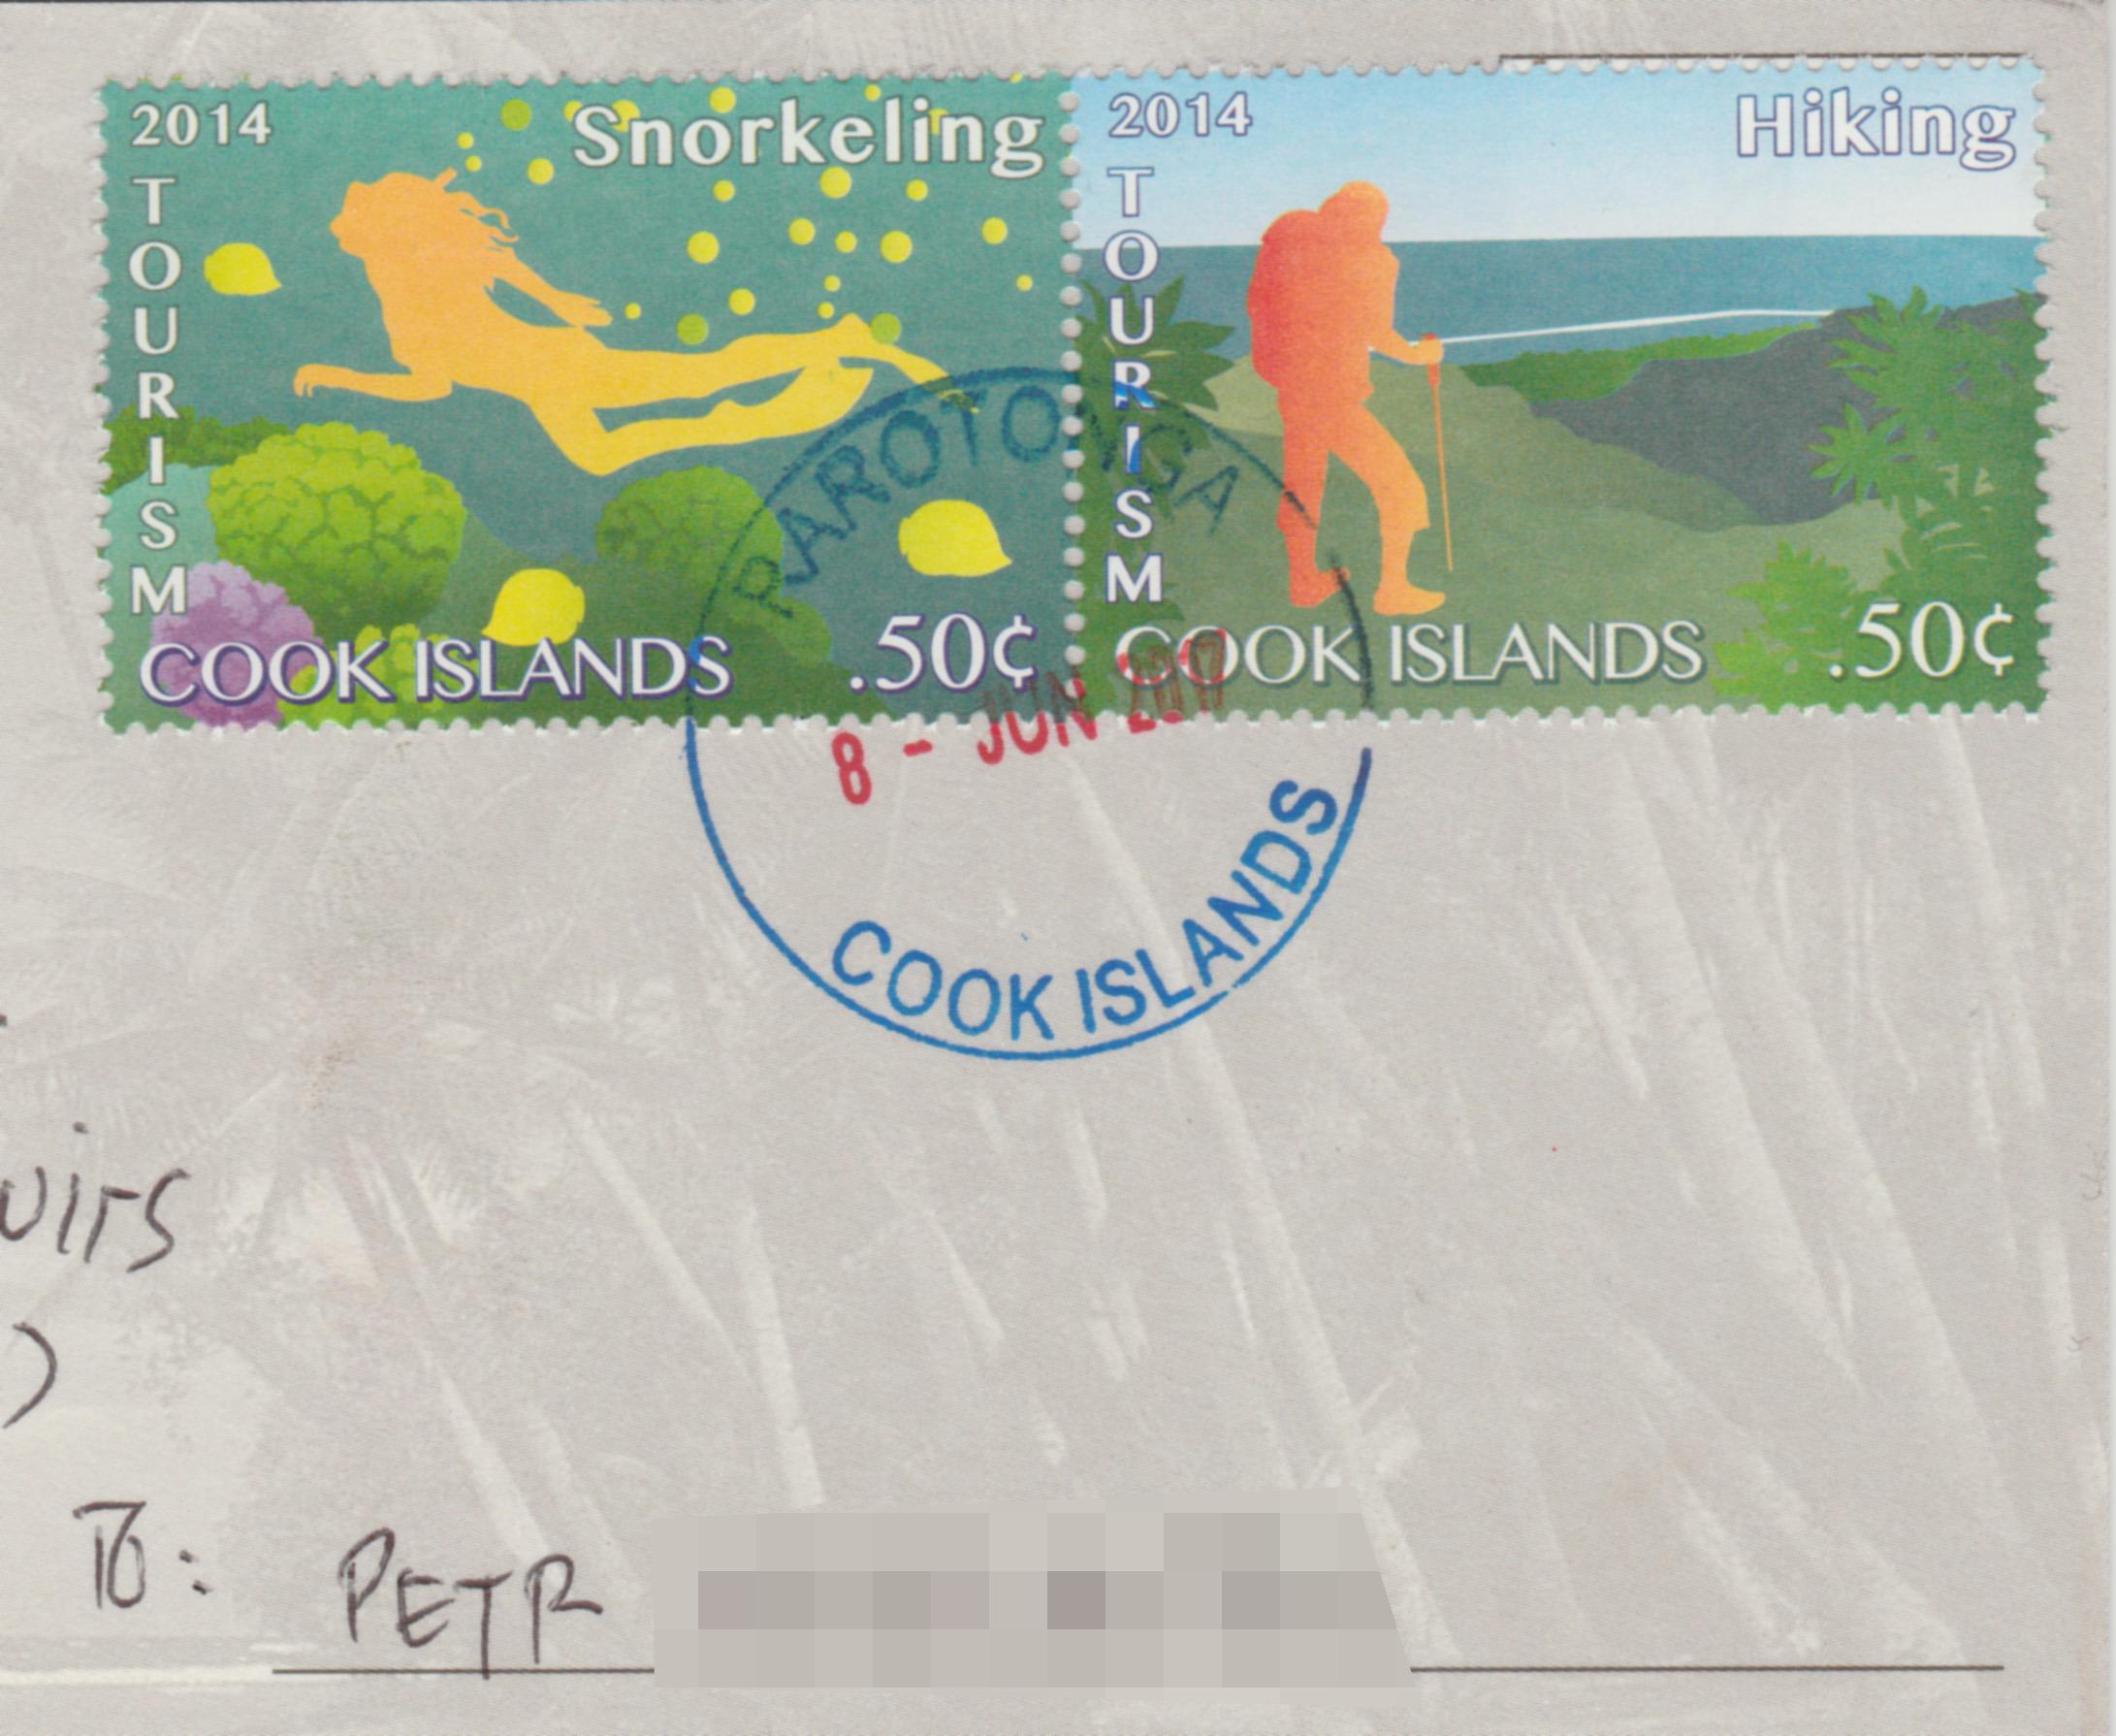 Cook islands quest 252 o pistoupen k velk britnii a do roku 1965 byly cookovy ostrovy soust novho zlandu a pot obdrely politickou autonomii m4hsunfo